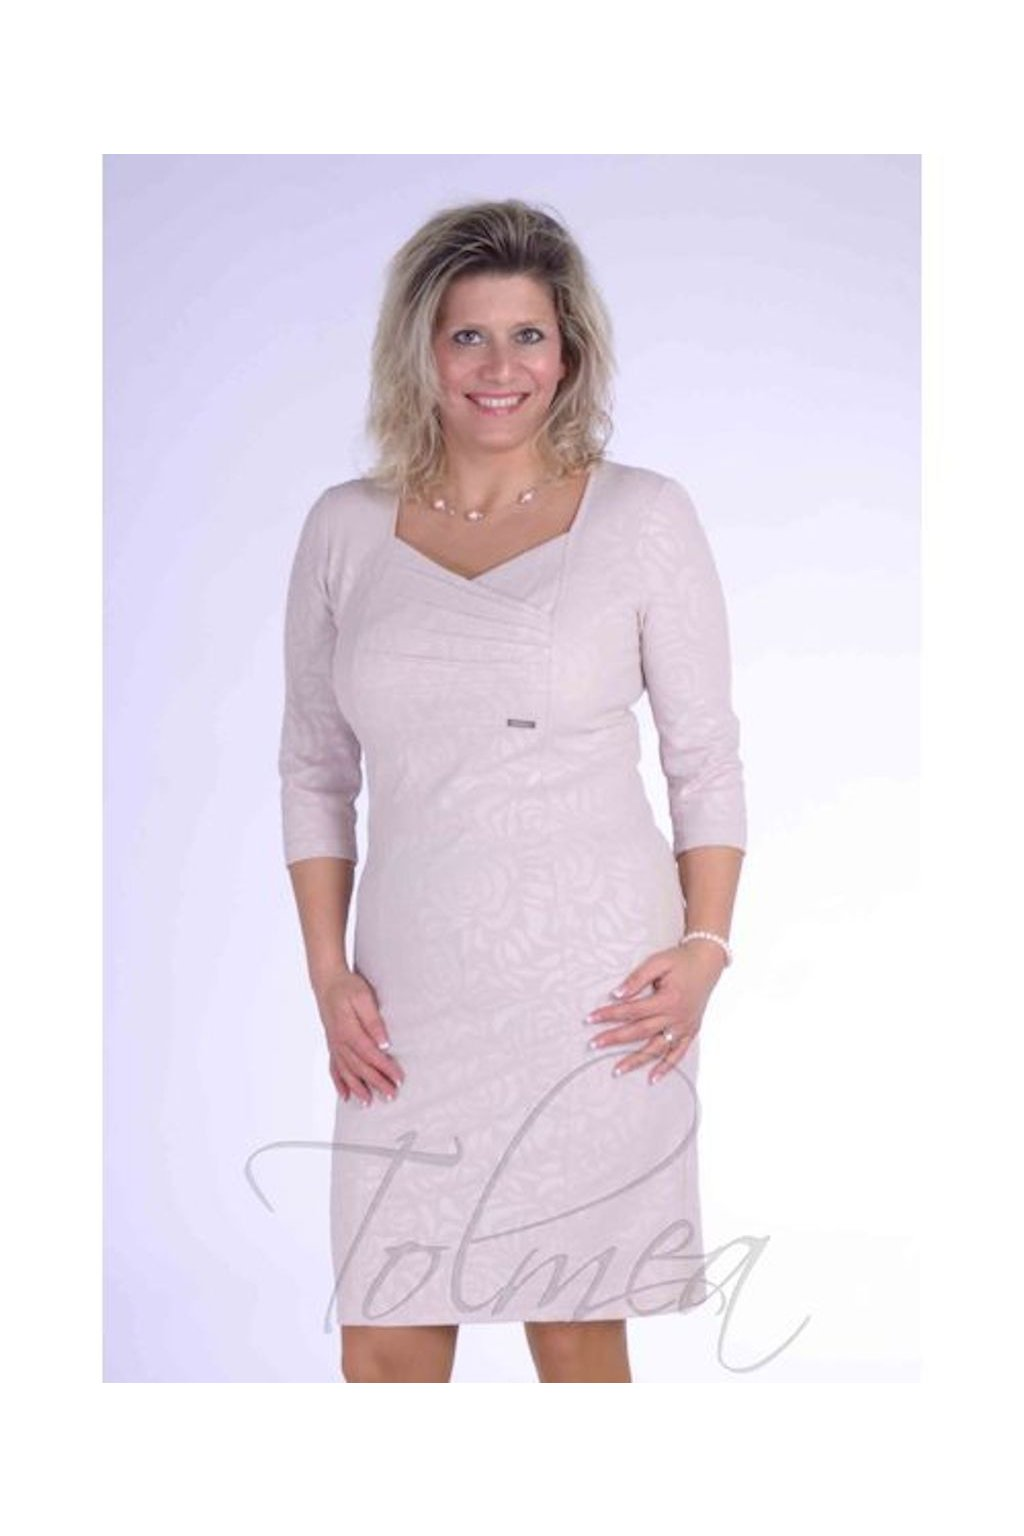 Šaty sámky 0618 (Velikost 36, Barva Pudrová)